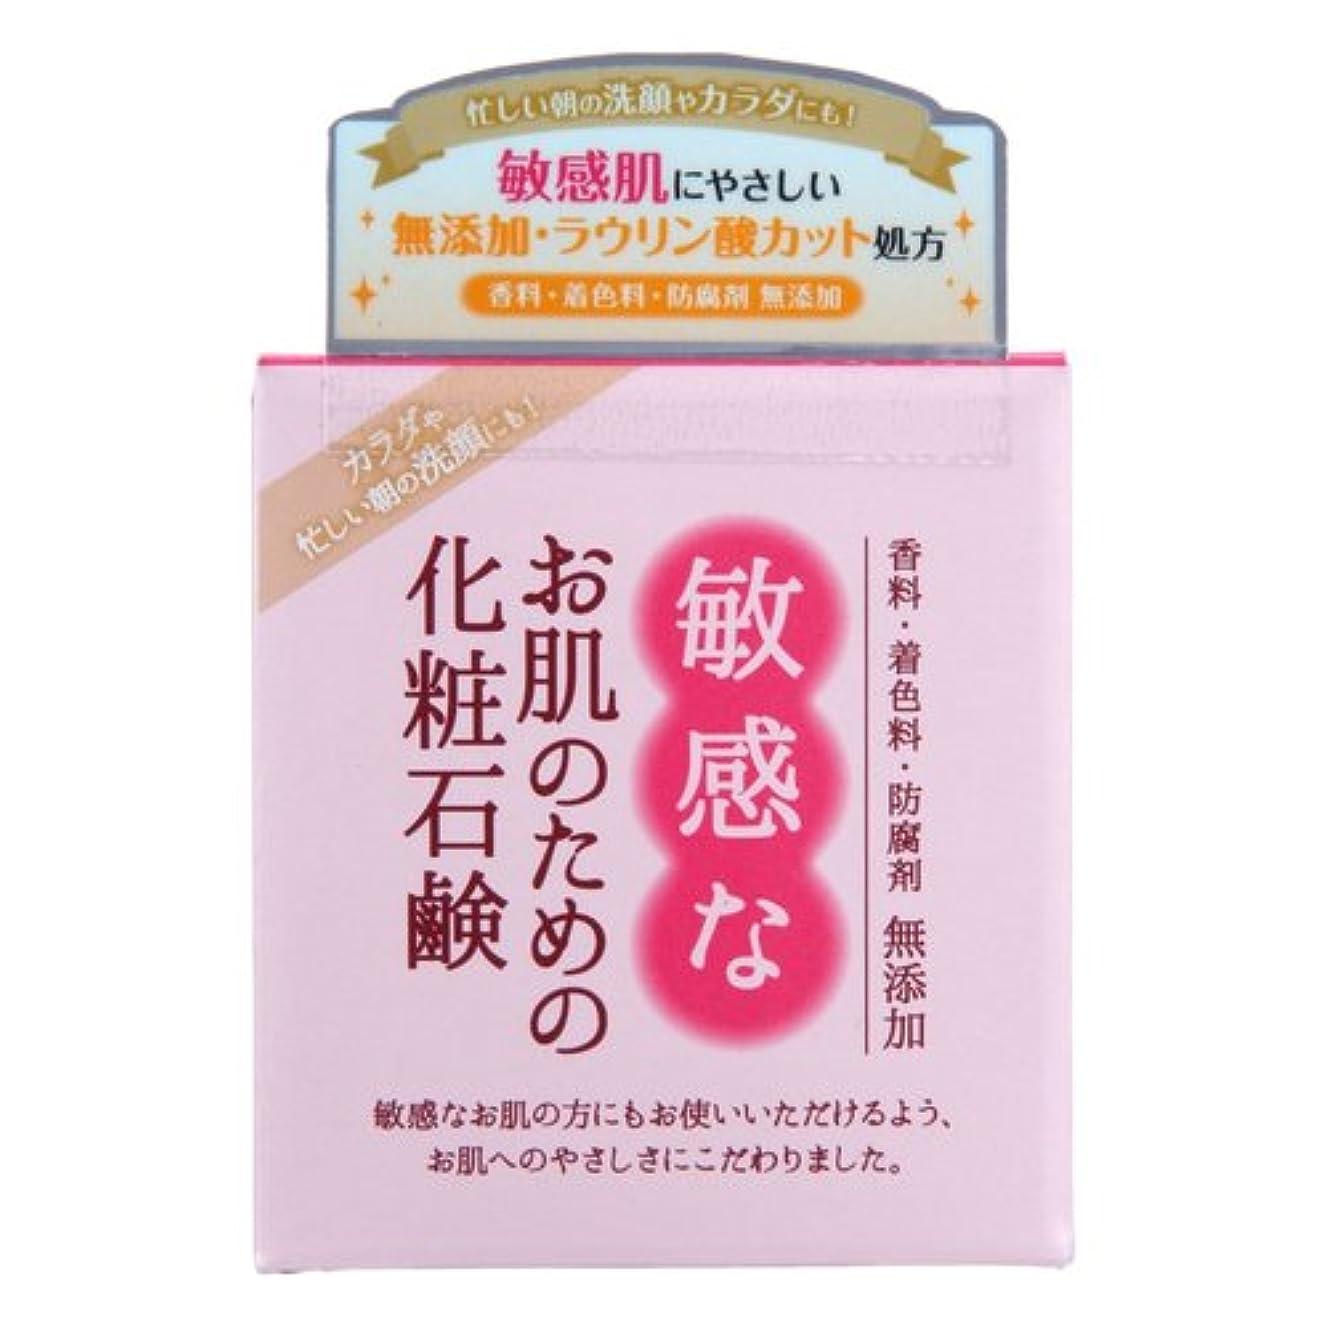 準備学校成熟敏感なお肌のための化粧石鹸 100g CBH-S